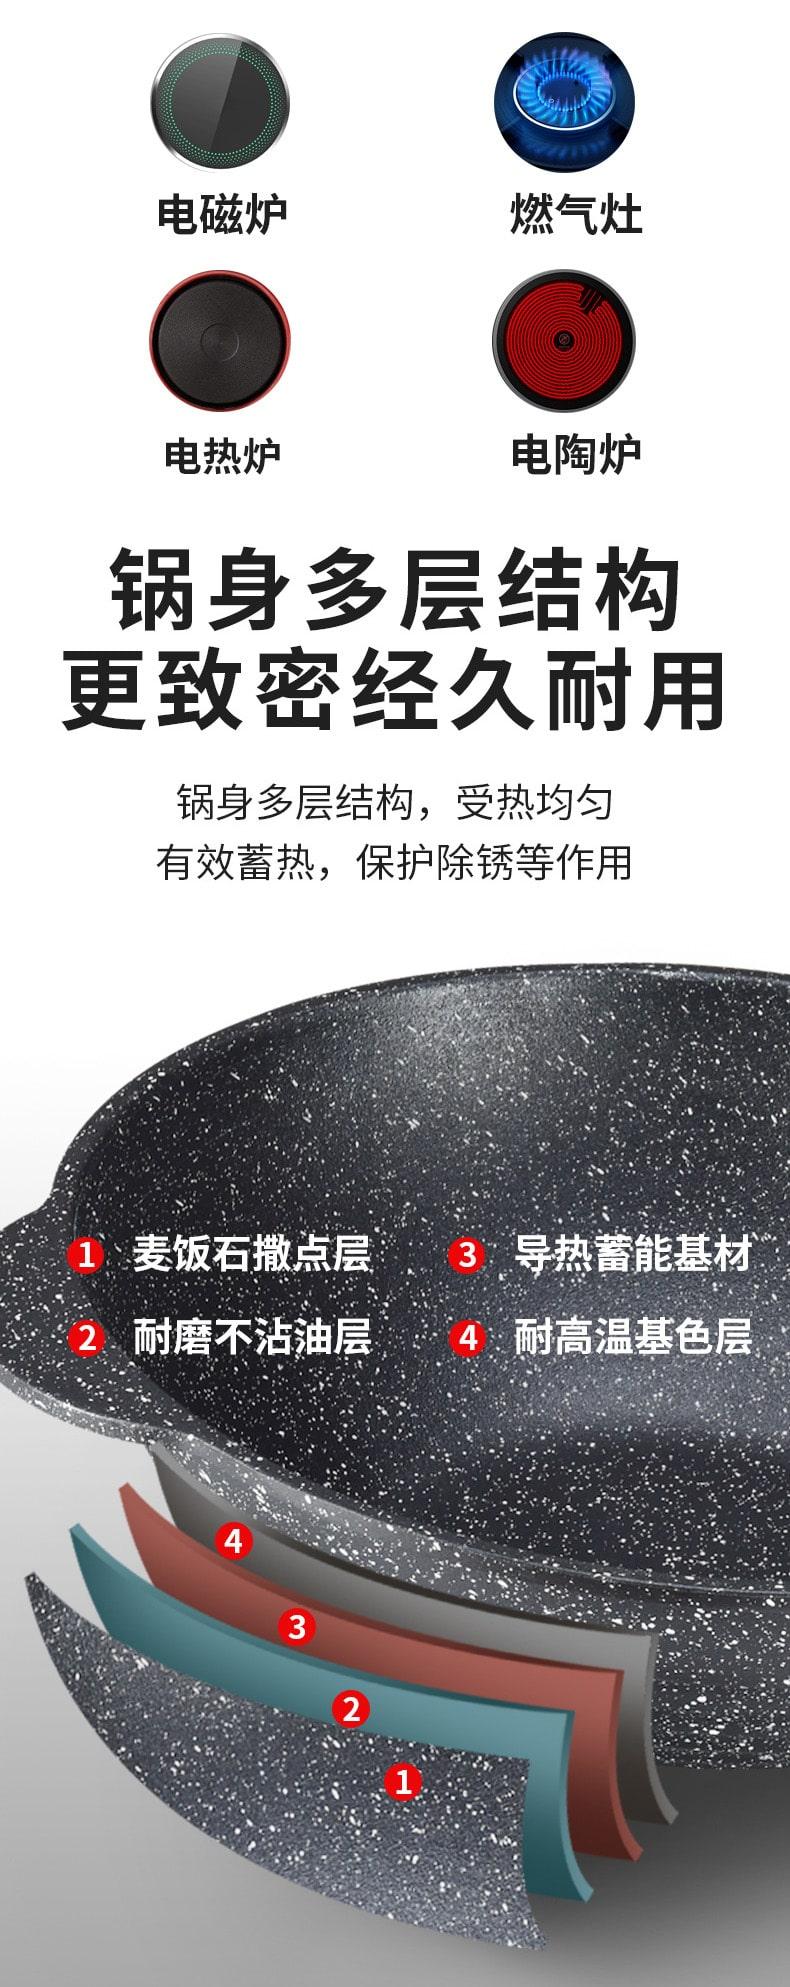 Non-Stick Stone Wok - Features